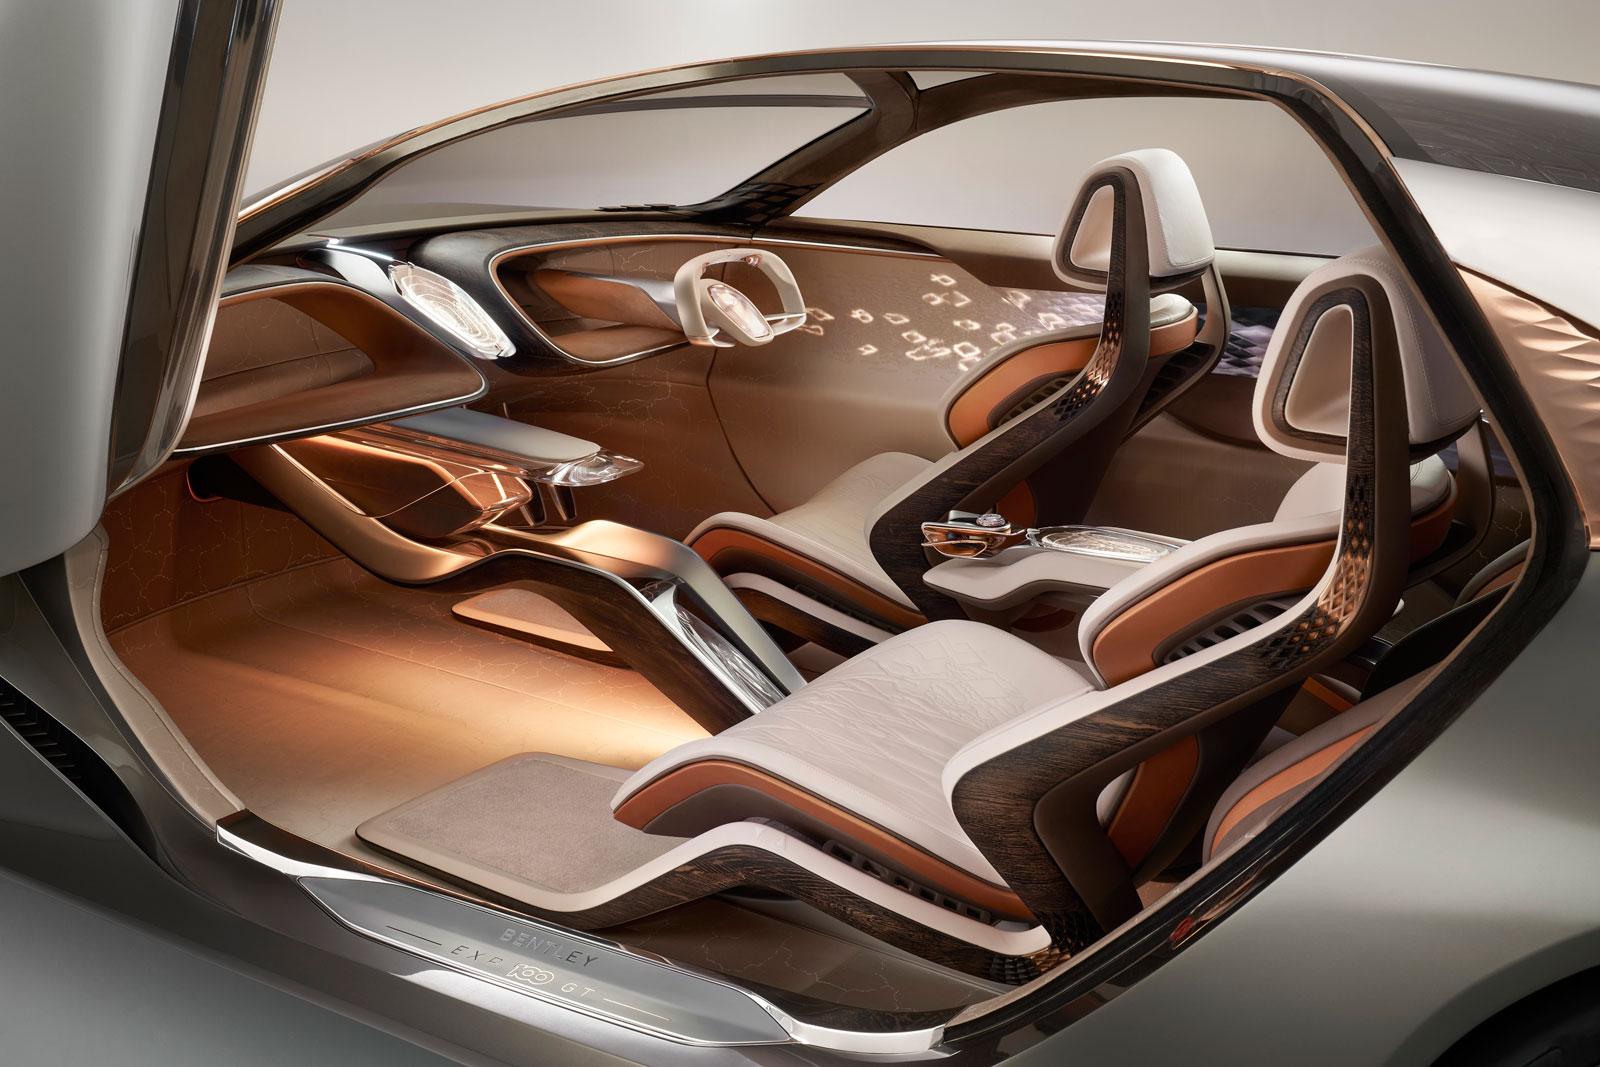 Bentley Exp 100 Gt Concept Interior Design Car Body Design